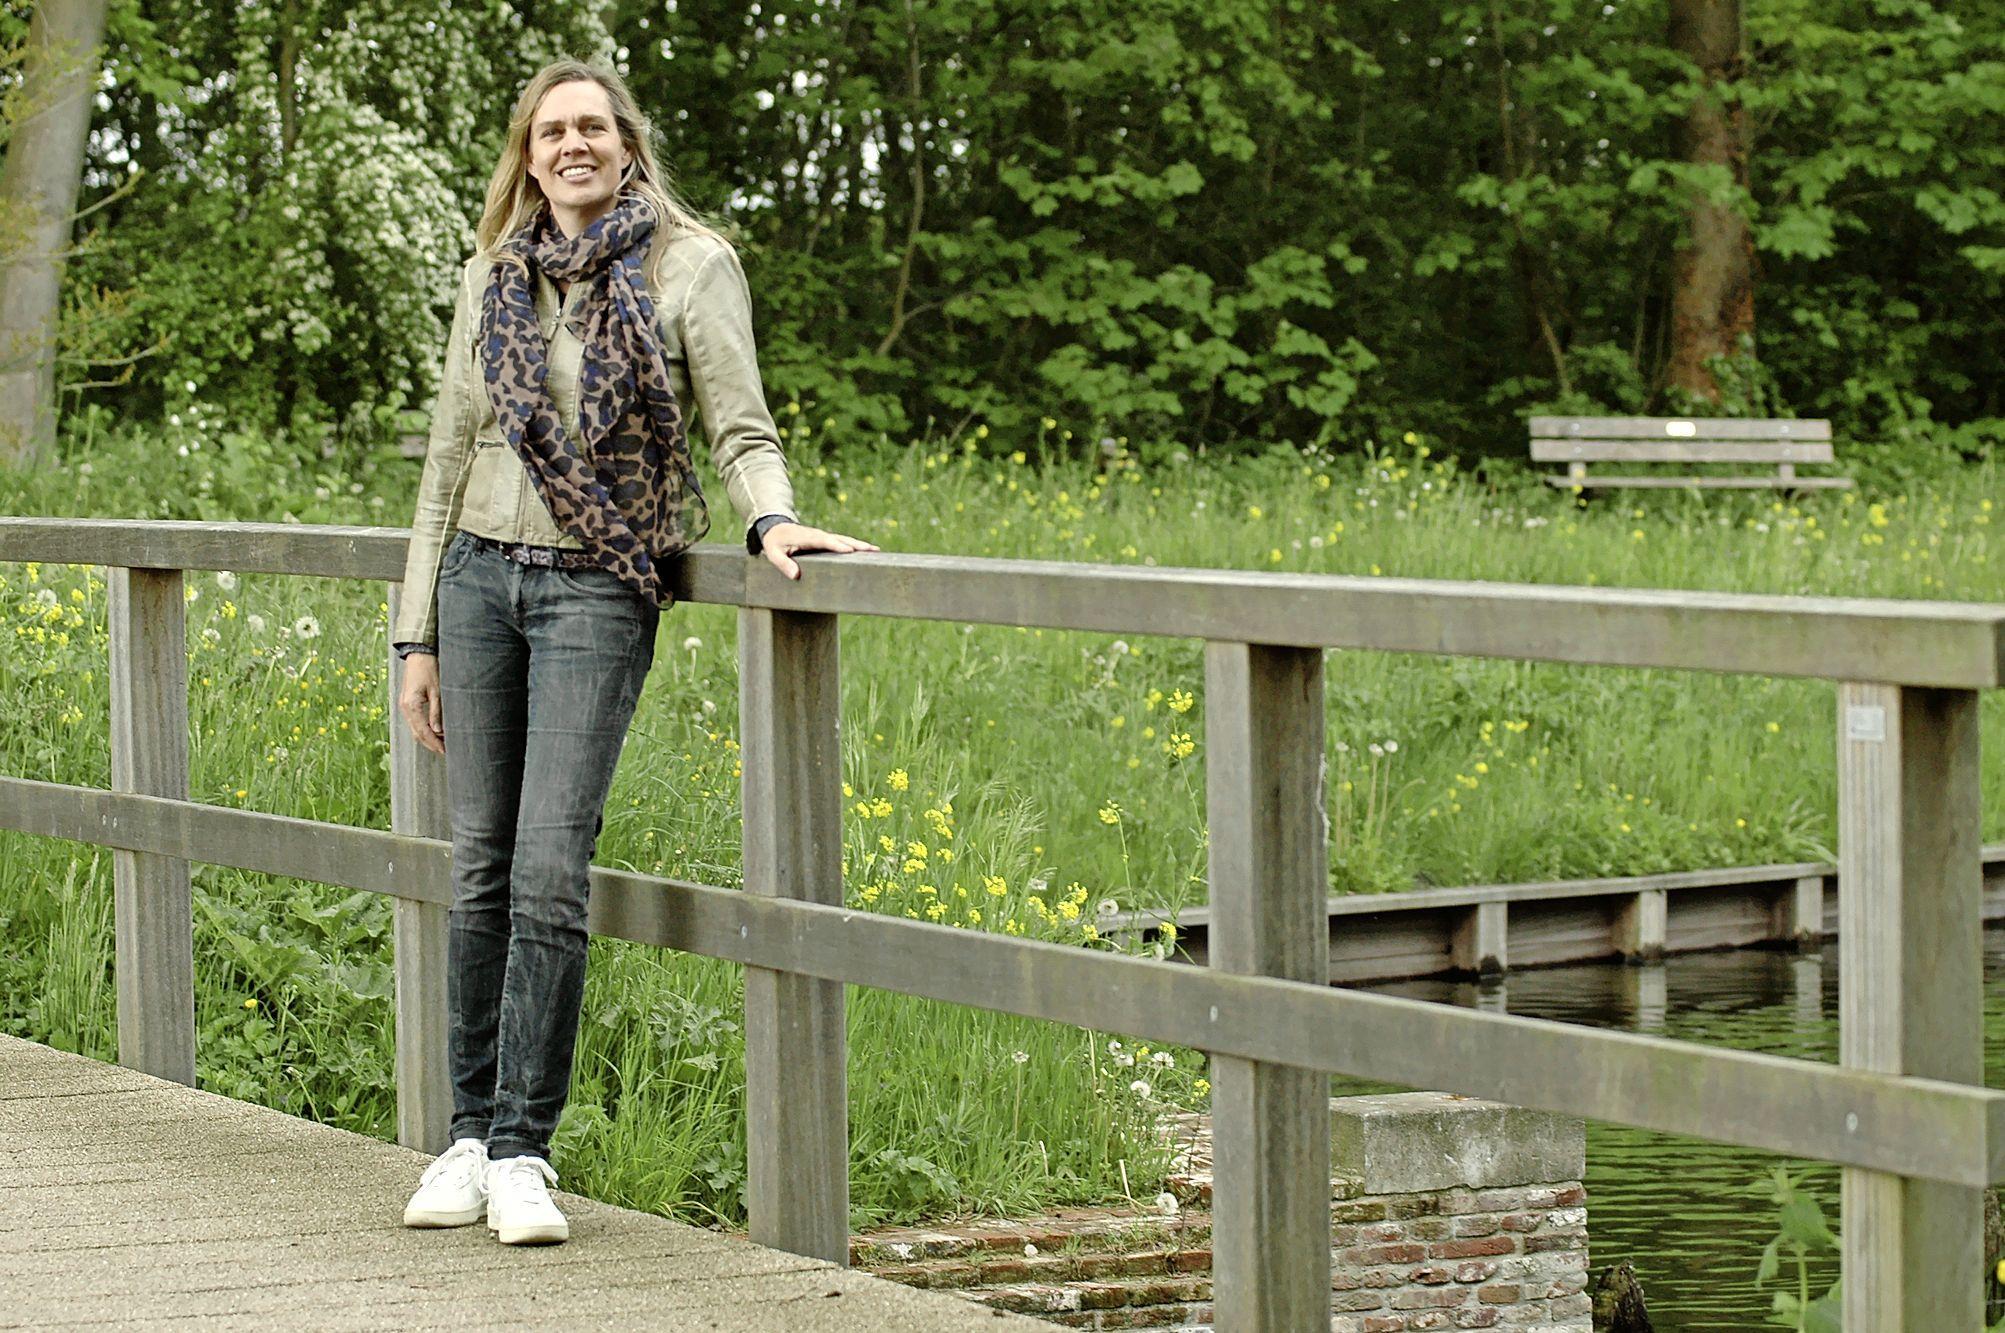 'Een huis in een stralingsarm gebied is voor ons niet te betalen.' Anouk de Bont uit Weesp gaat niet bij de pakken neerzitten na verloren rechtszaak tegen telecomzendmast vlakbij haar huis